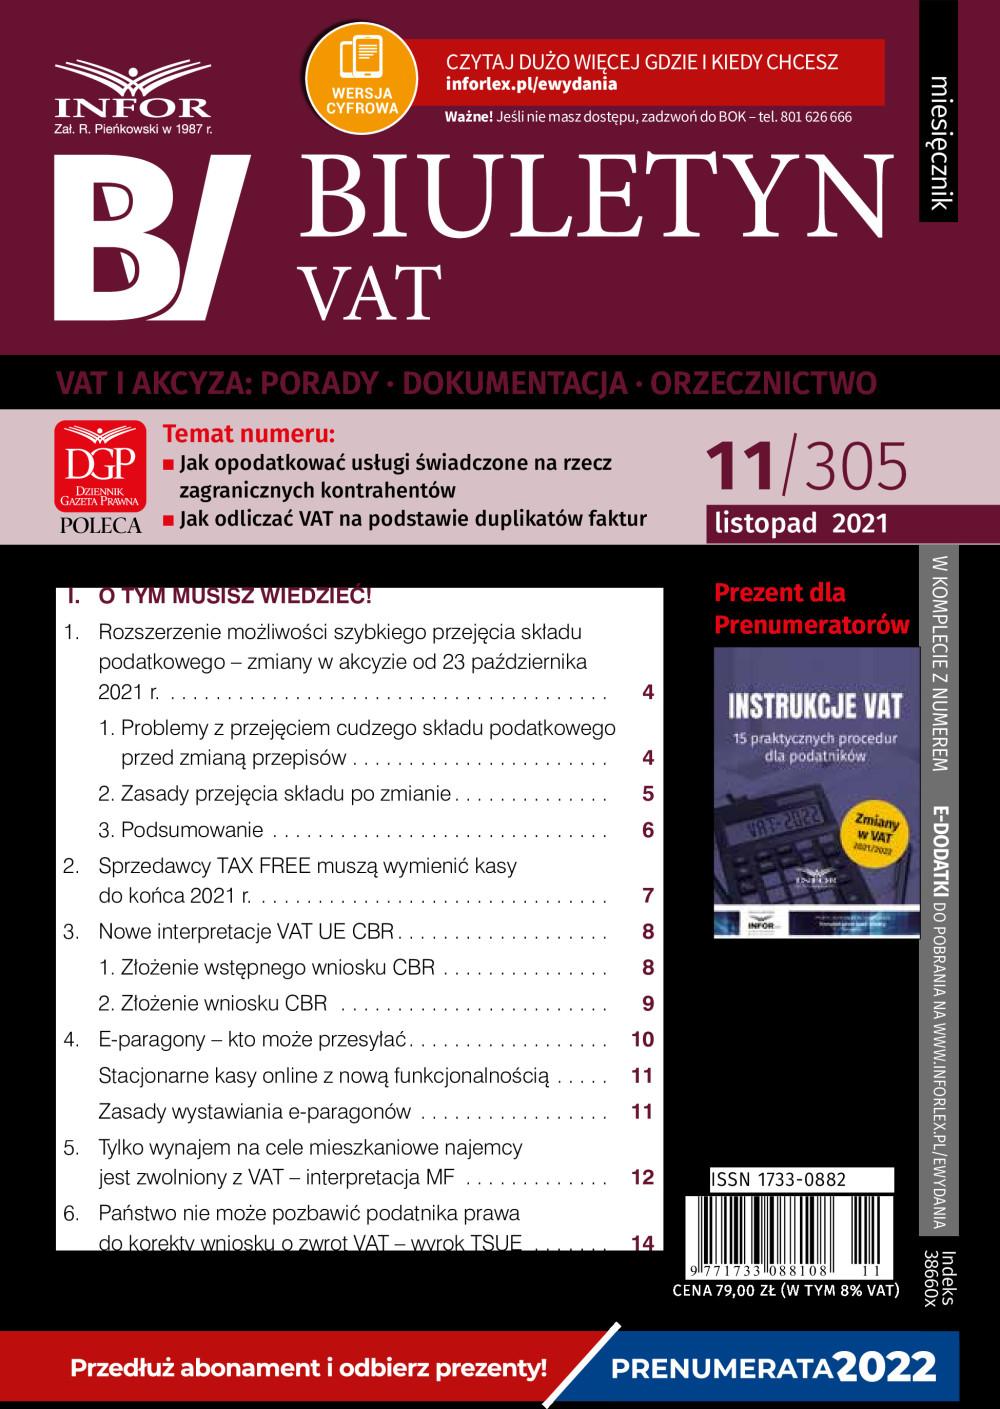 Biuletyn,VAT, akt,biznes,biznesowe,czasopismo,dziennik,dzienniki,e-prasa,jaki, miesiecznik,polski,pracy,prasa